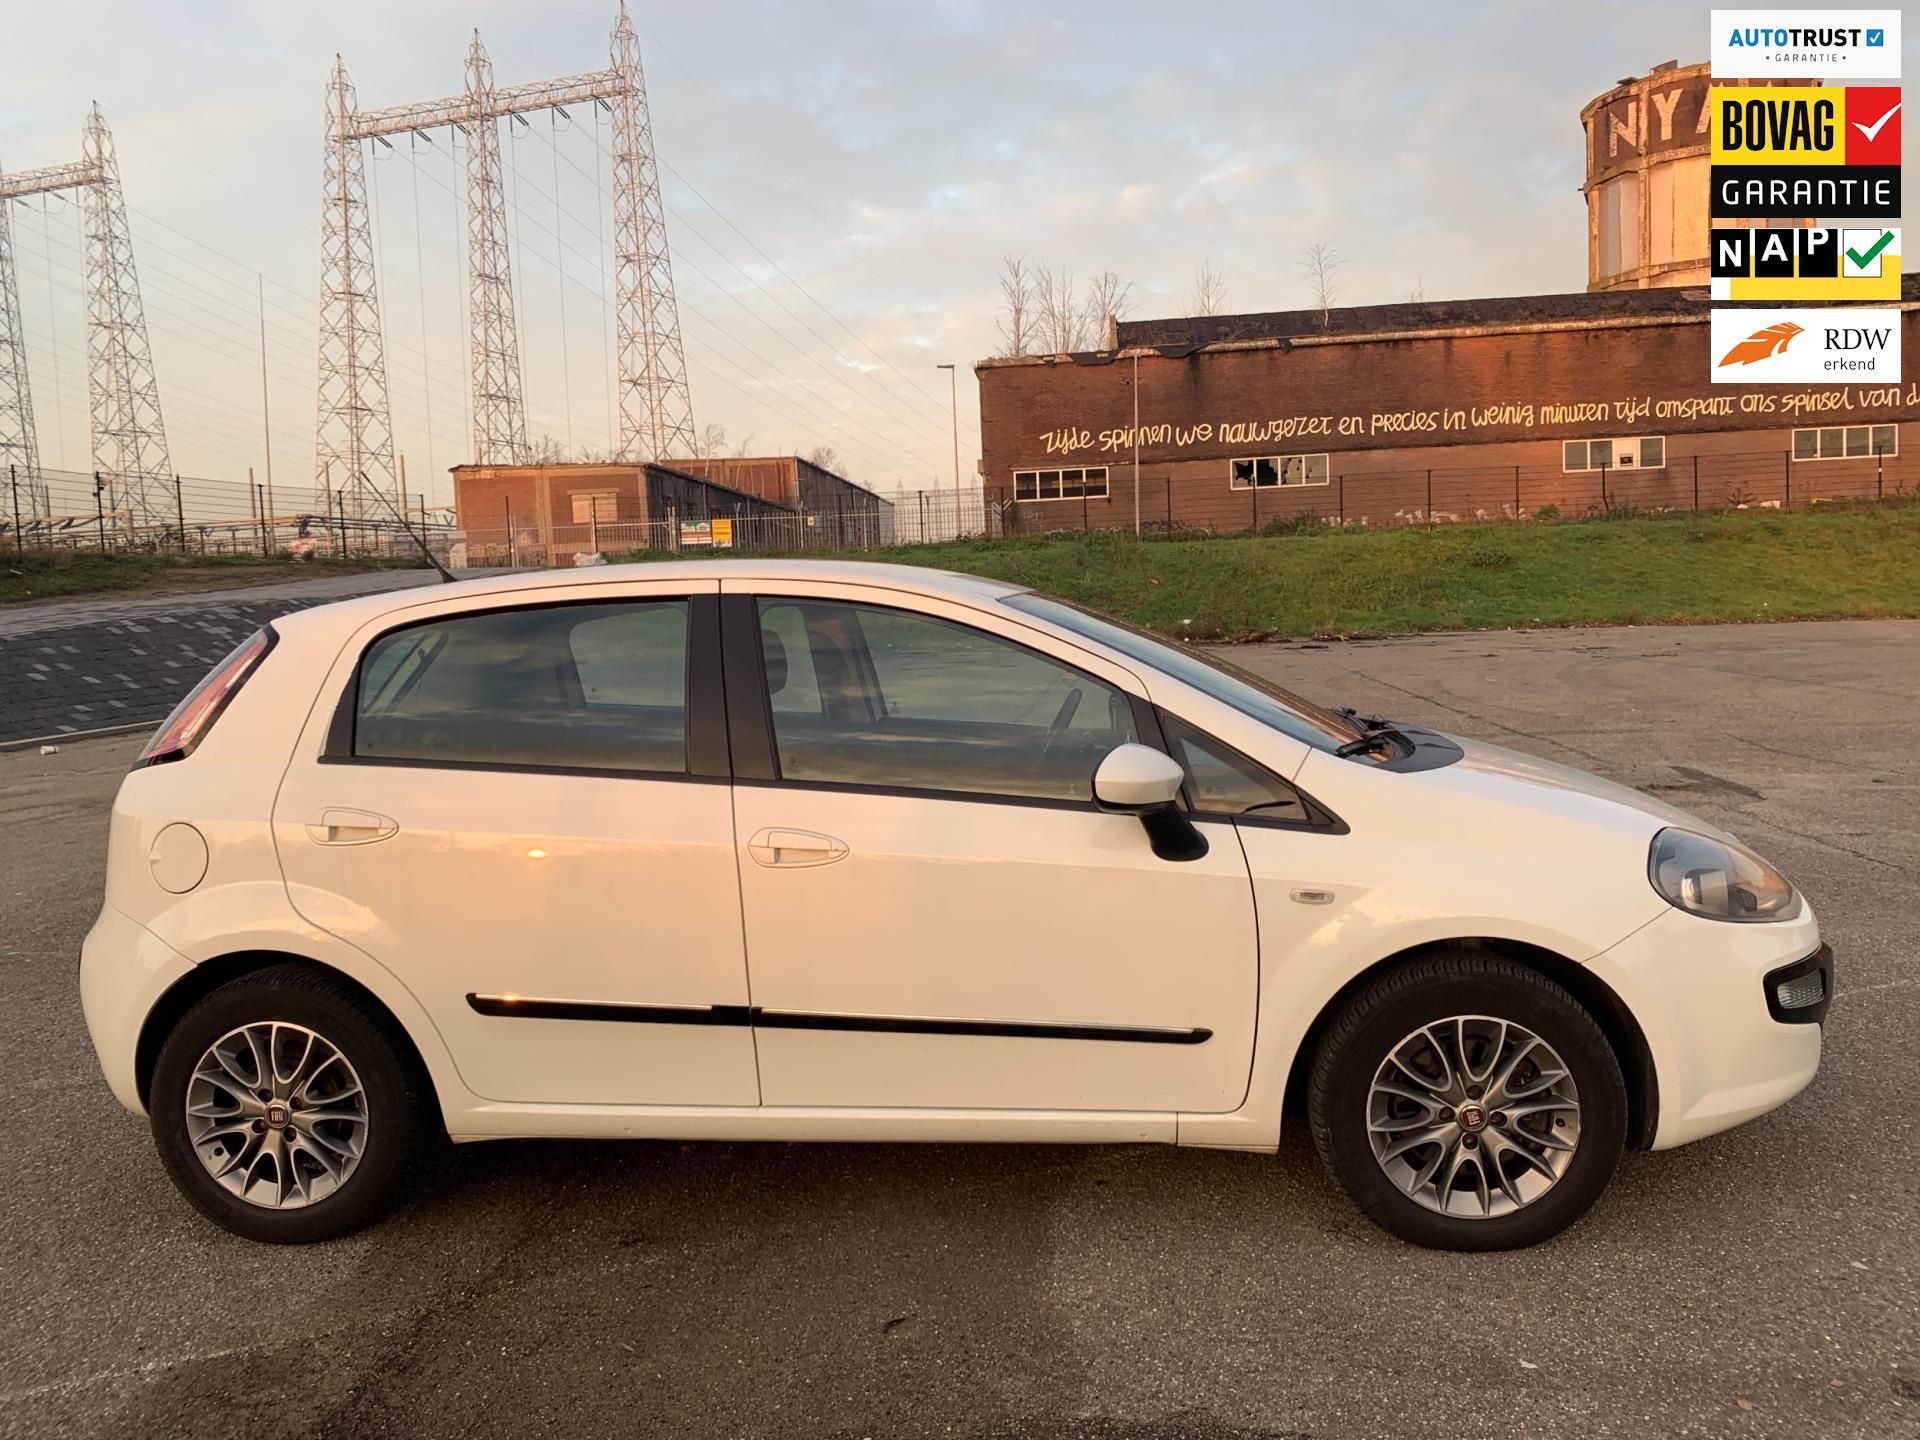 Fiat Punto Evo occasion - De Waal Auto's